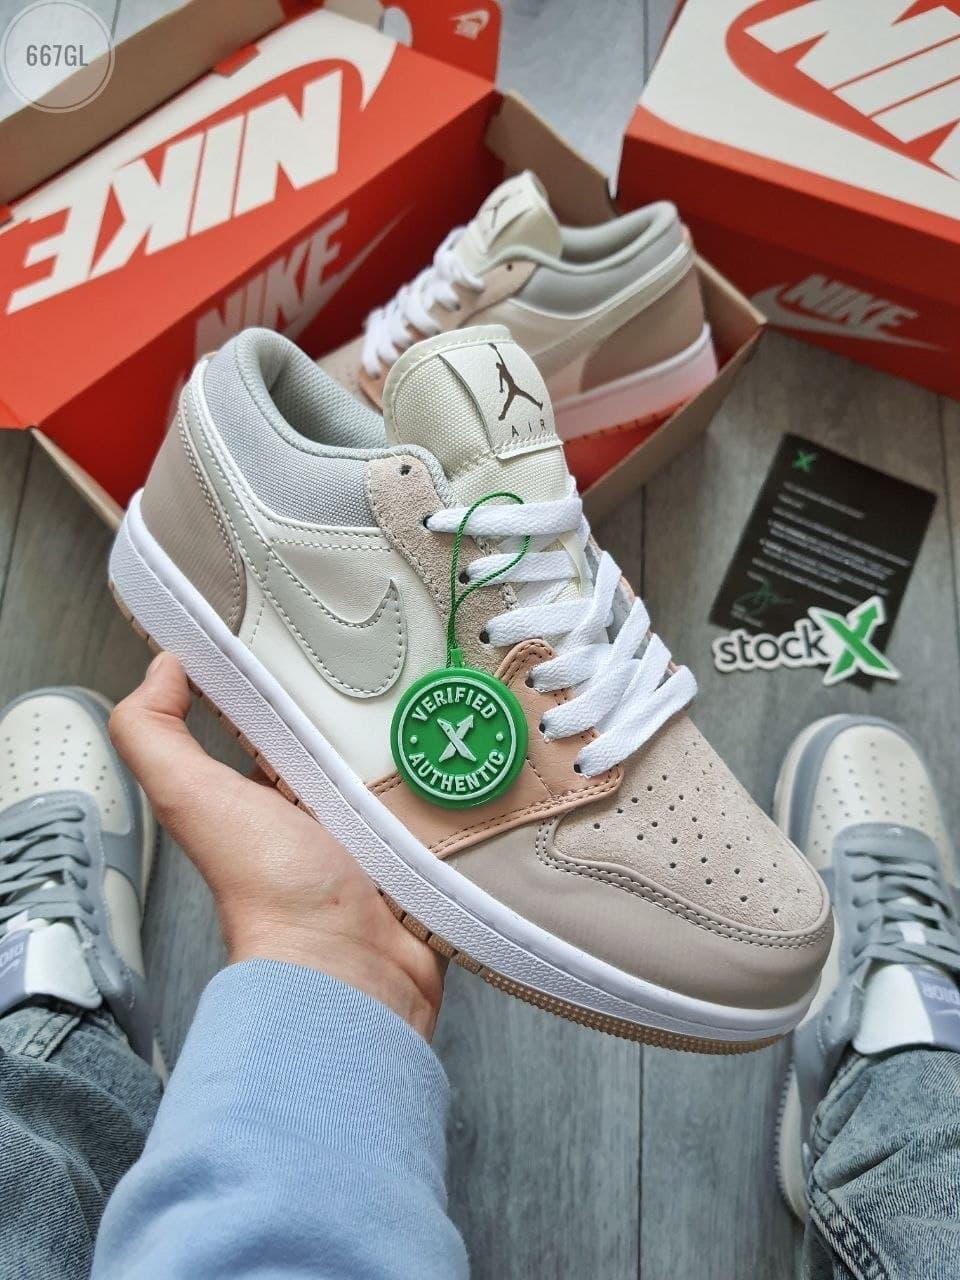 Женские кроссовки Nike Air Jordan 1 (бежево-белые) 667GL повседневные молодежные кроссы